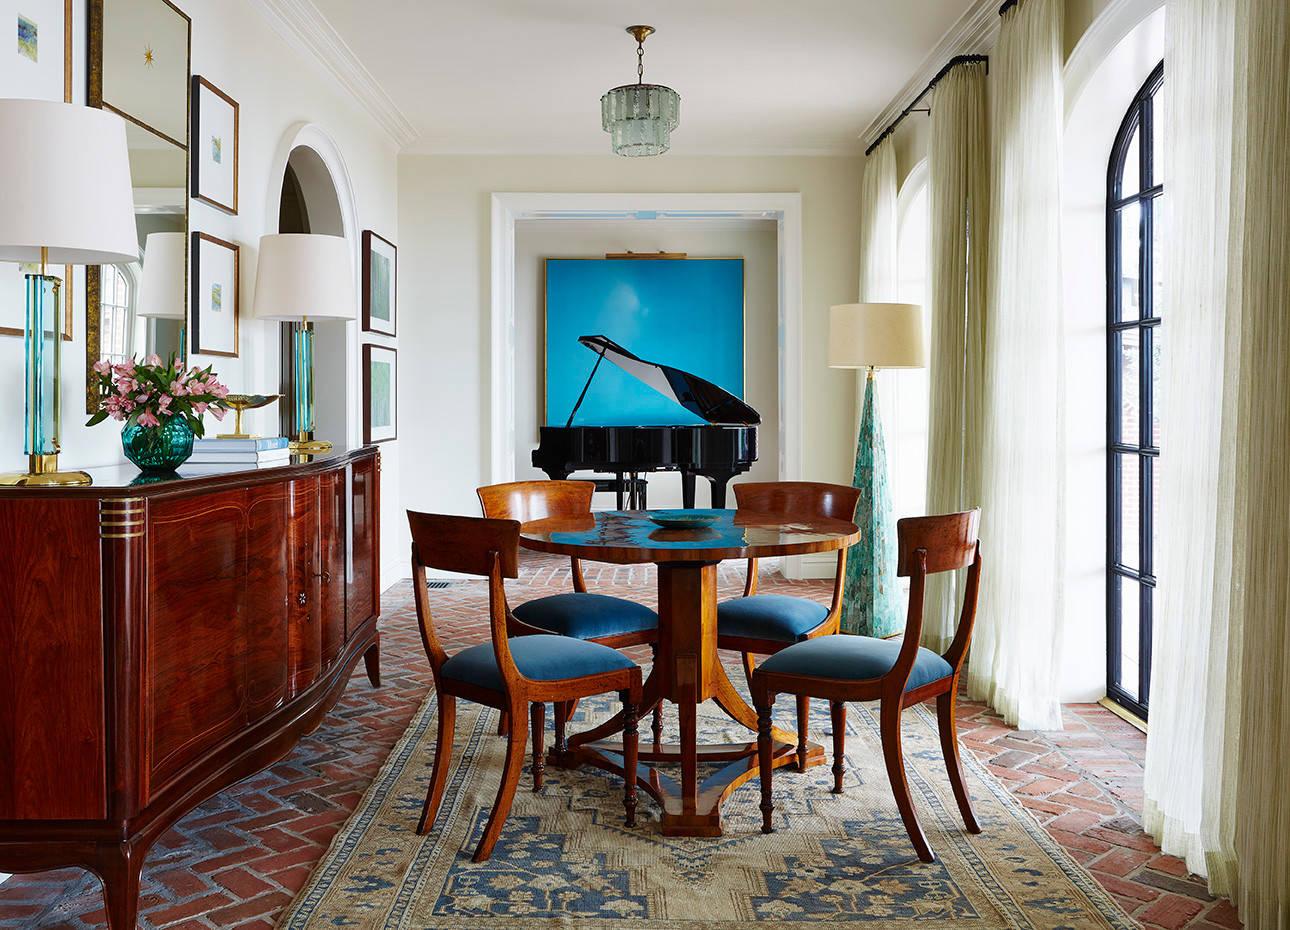 Les meubles en bois naturel ajouteront une touche de luxe à votre intérieur